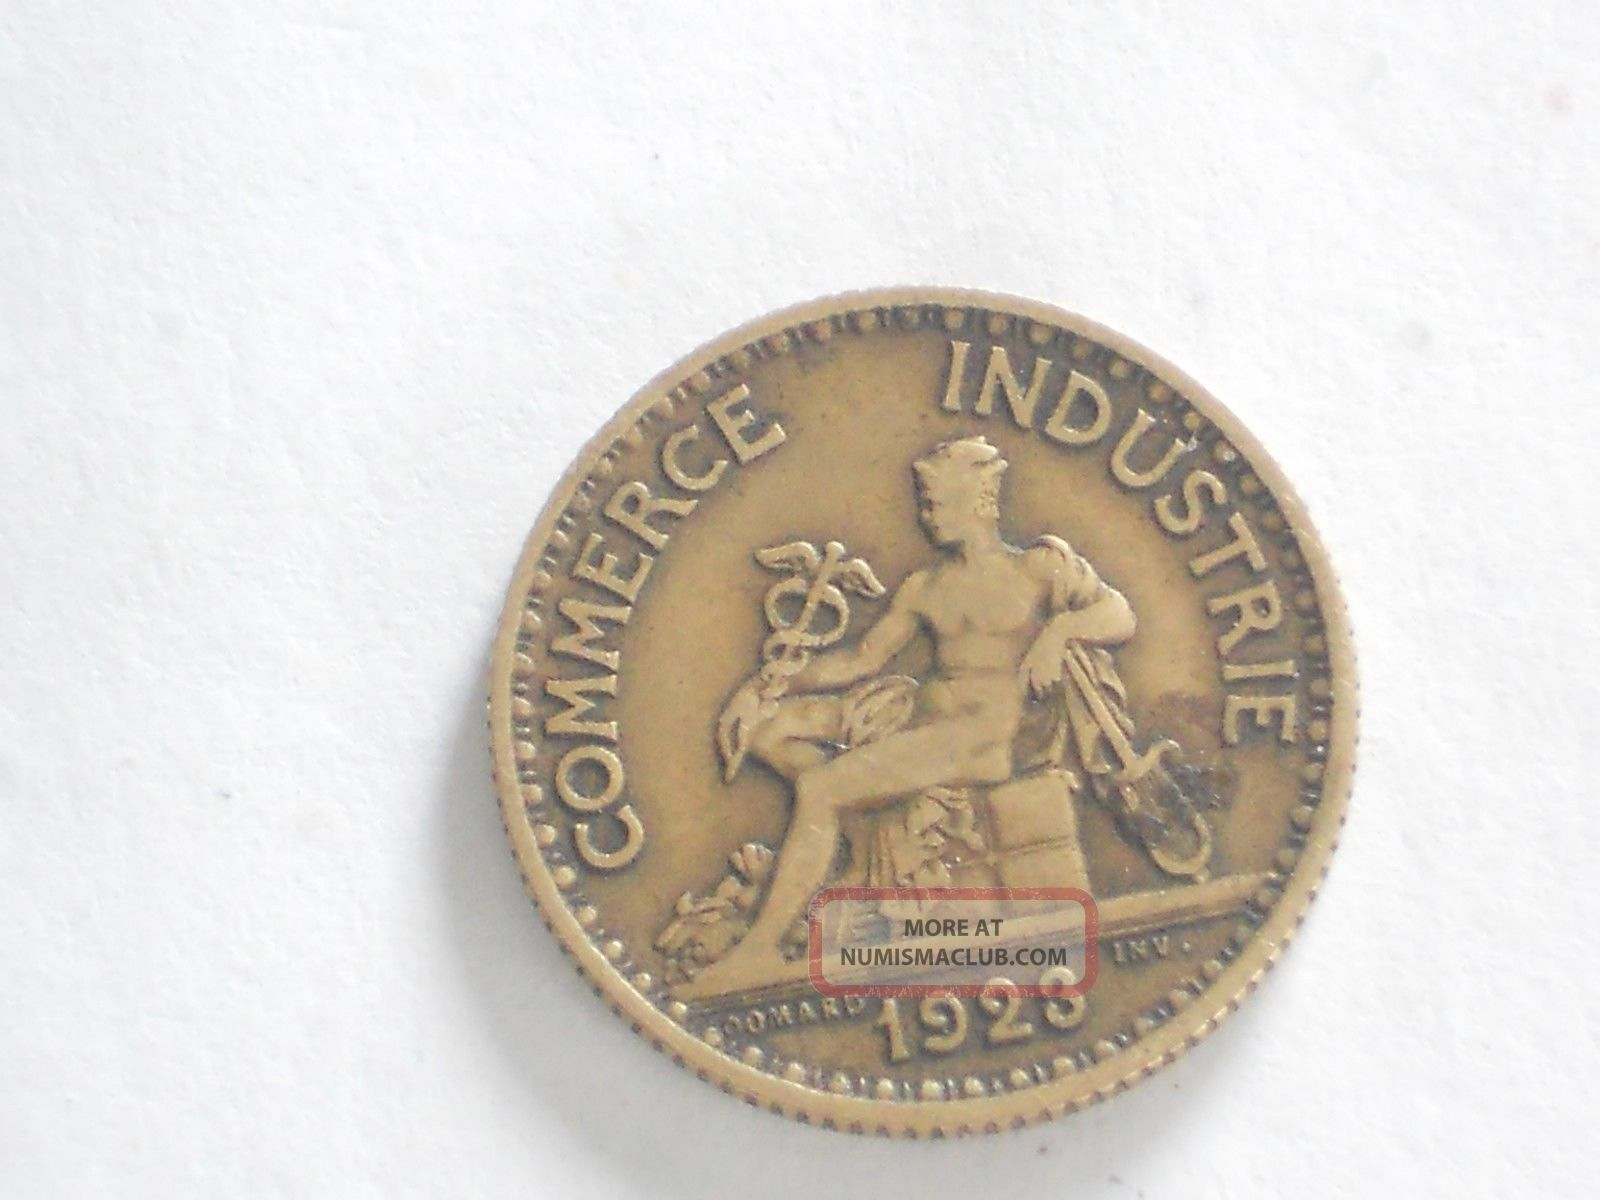 1923 1 bon pour franc chambres de commerce de france